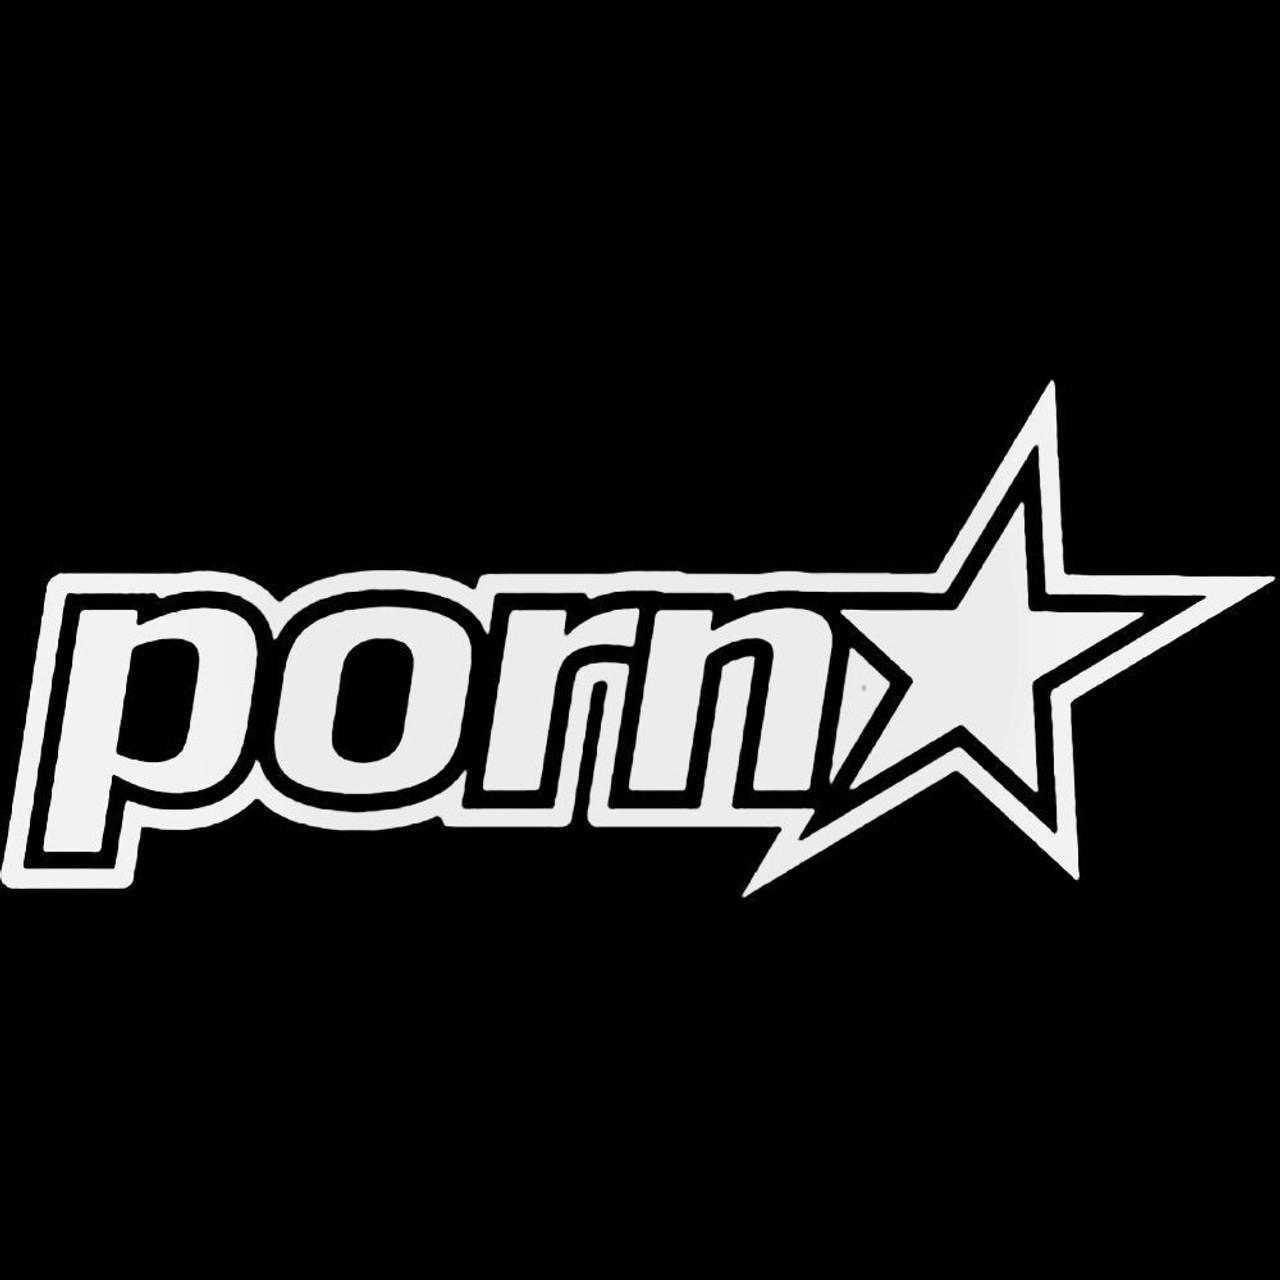 PORN STAR VINYL GRAPHIC DECAL STICKER